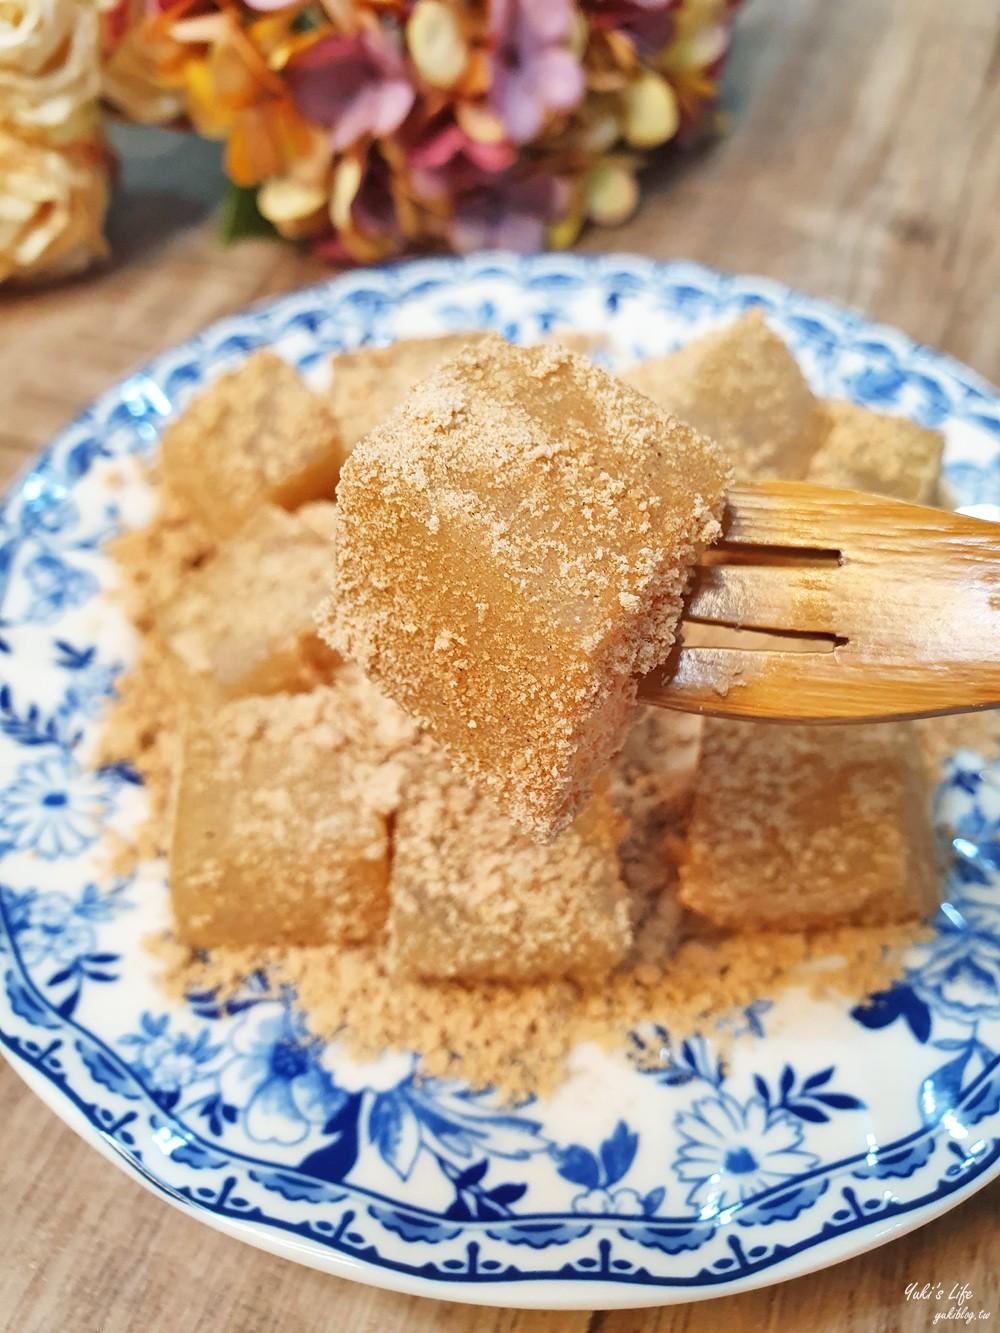 簡單食譜》古早味涼粉只要地瓜粉就可以自己做!便宜又好吃的親子DIY夏日點心 - yukiblog.tw